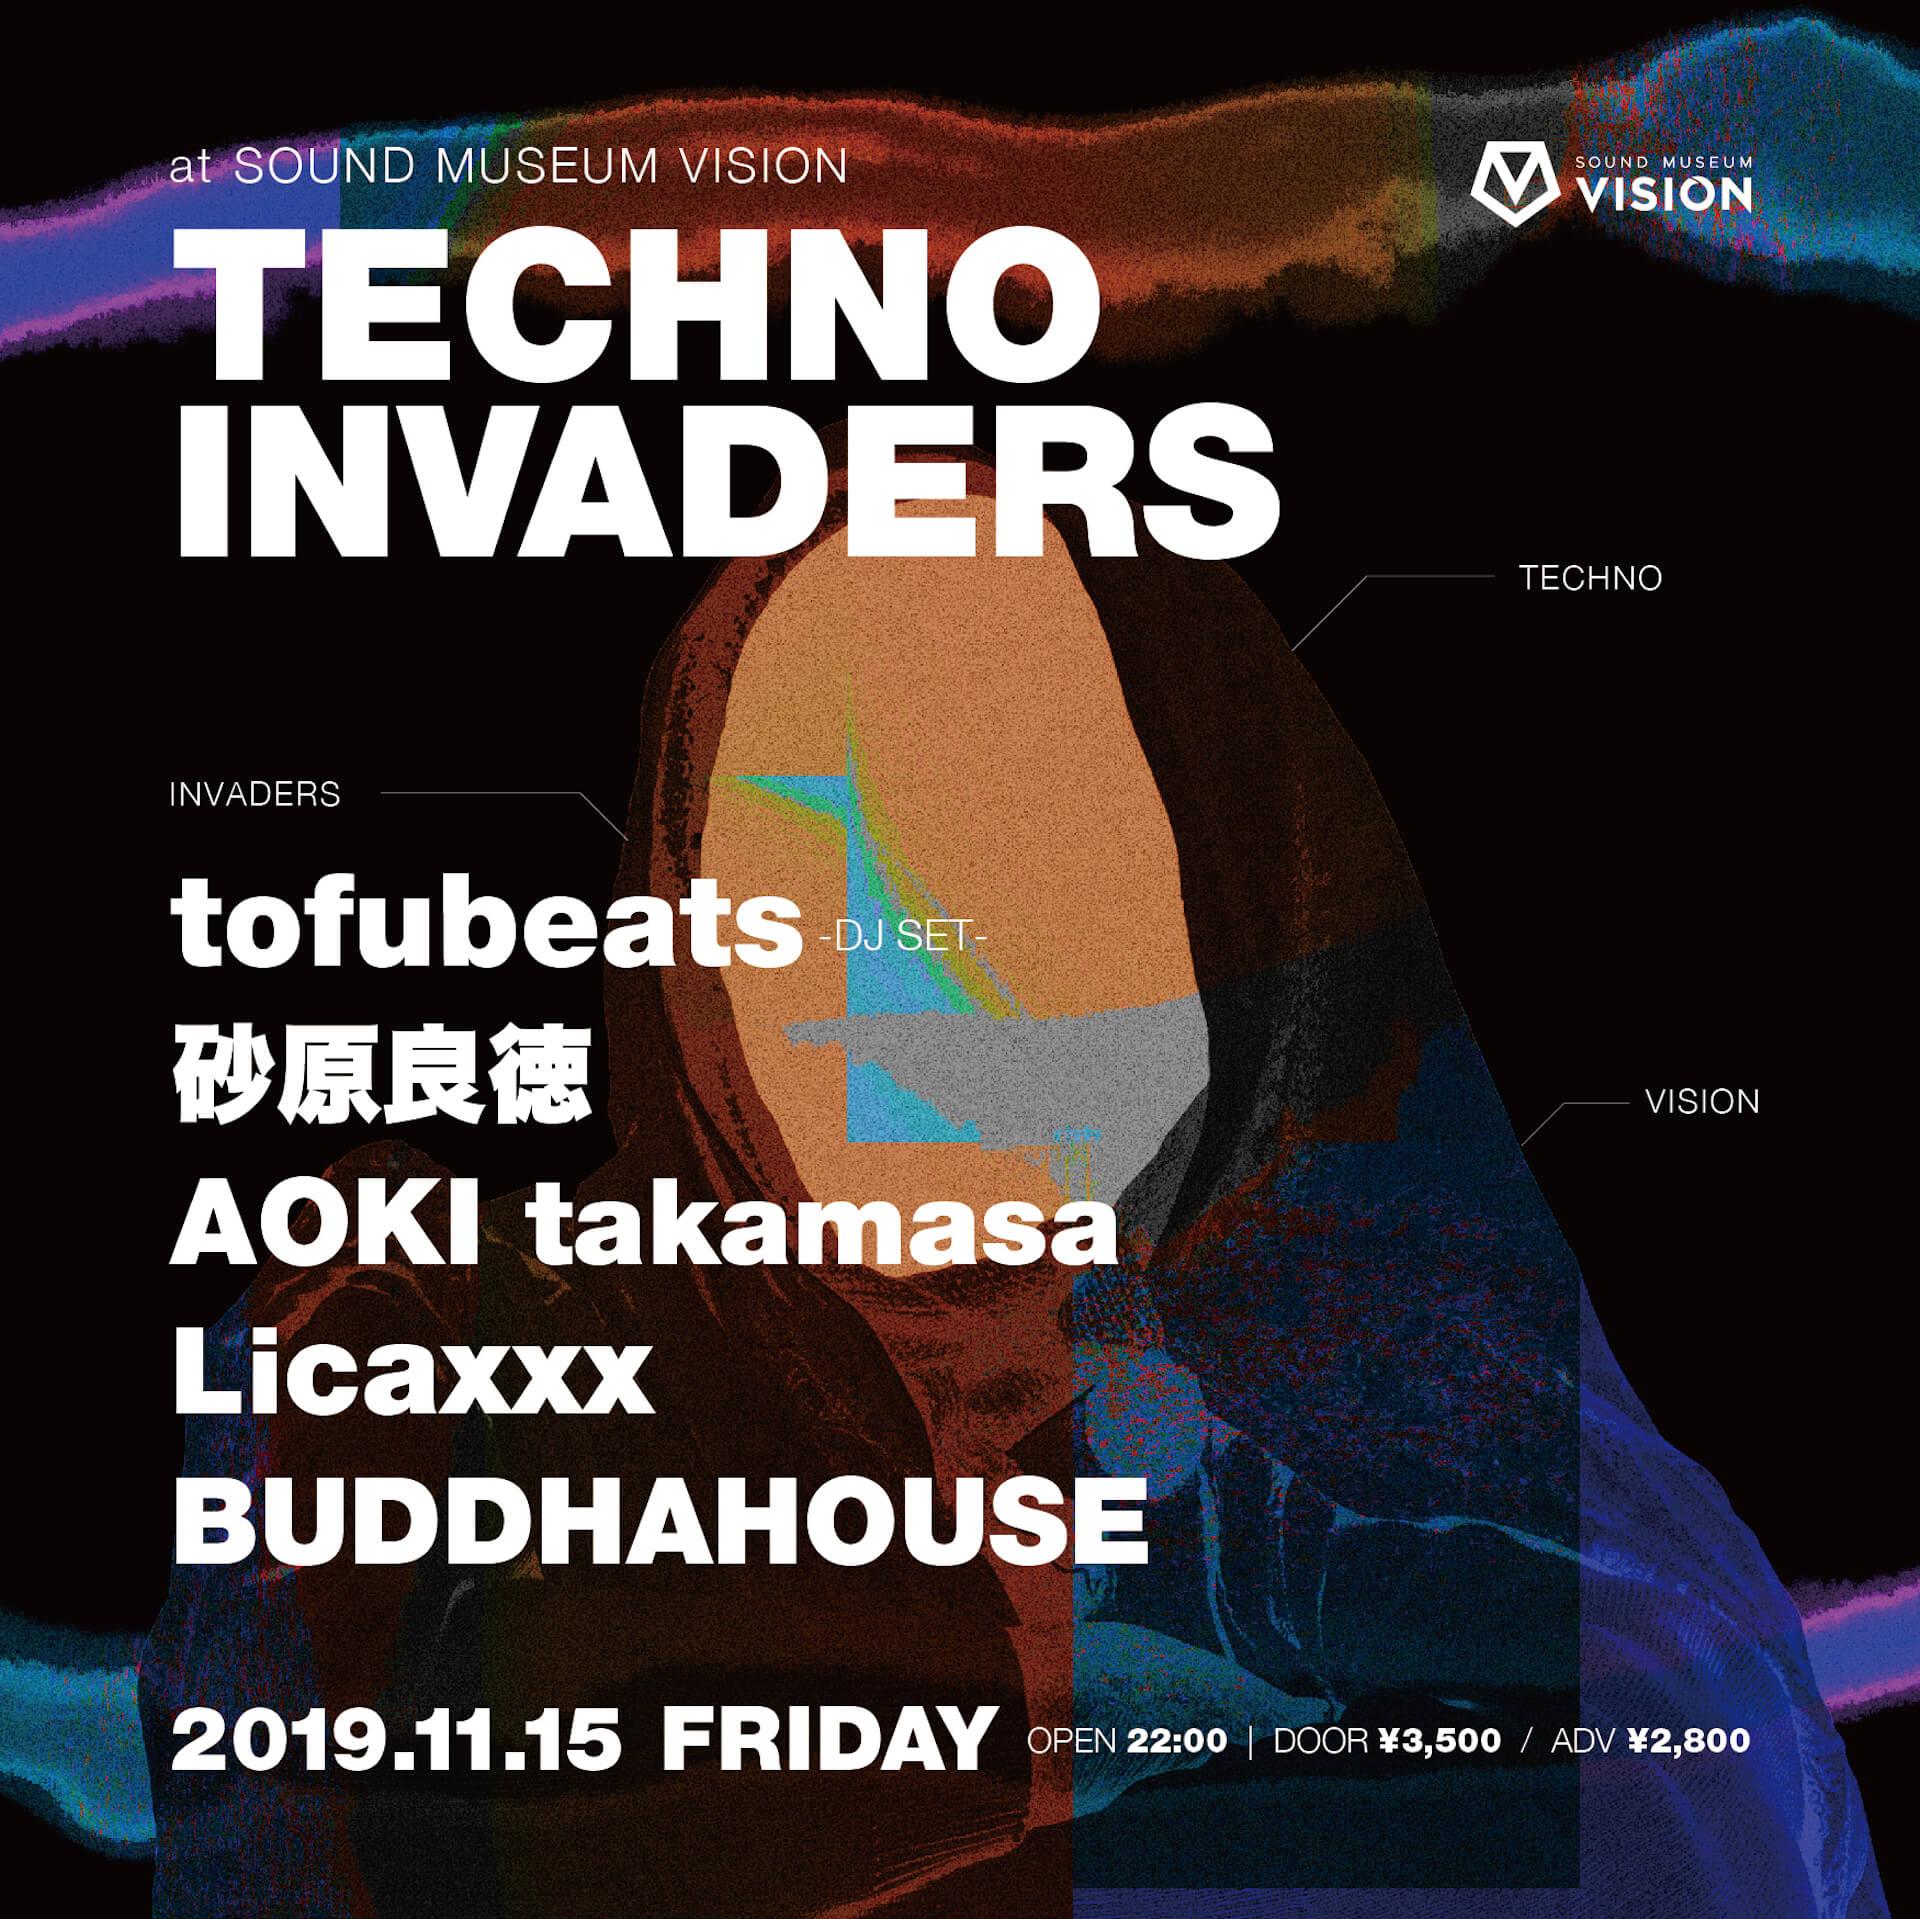 渋谷VISIONでおなじみの実験的なテクノパーティー<TECHNO INVADERS>が今月も|tofubeats、AOKI takamasaが登場 music_191107_technoinvaders_6